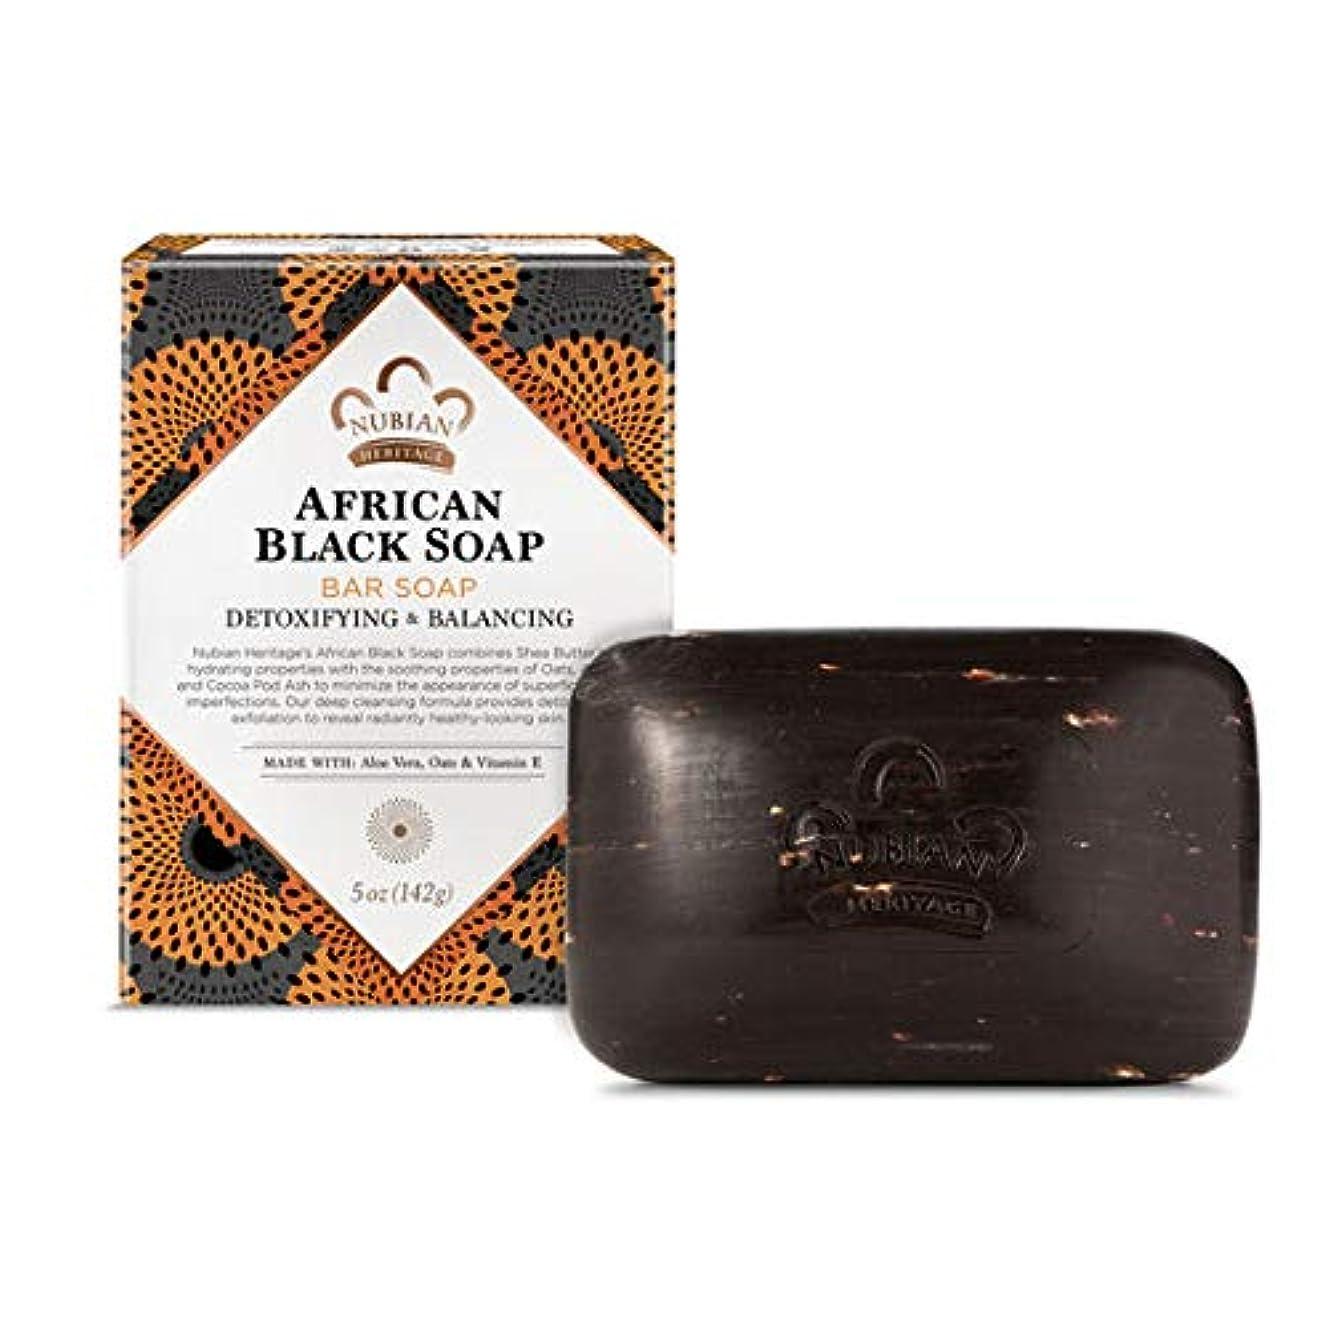 抑止するスプレーモルヒネヌビアン ヘリテージ アフリカン ブラック ソープ 141g 並行輸入品 [並行輸入品]